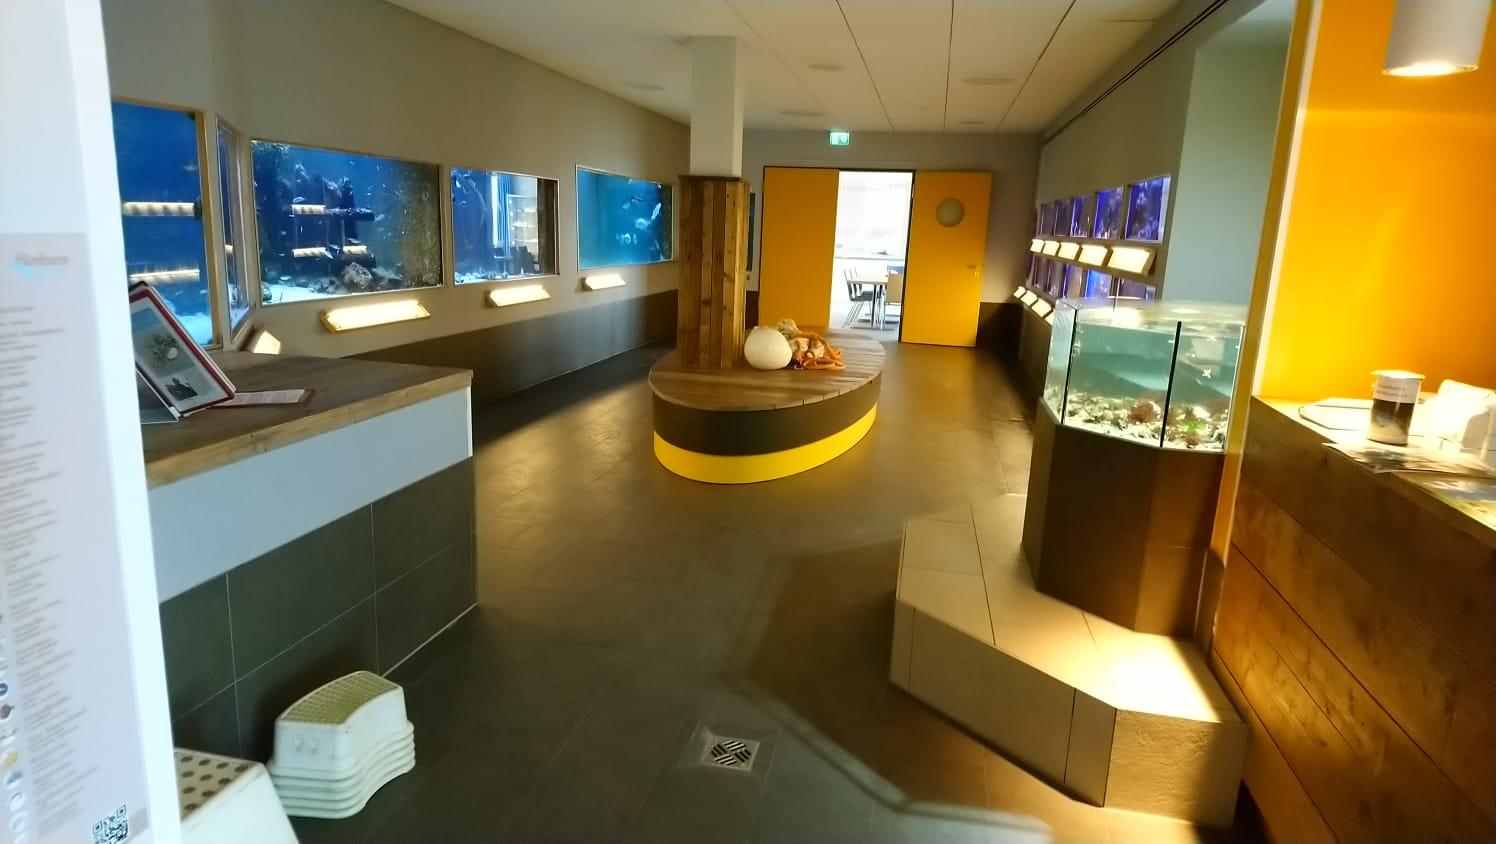 Unterwasser Webcam für Livestreaming aus dem Aquarium und Tauchbecken.